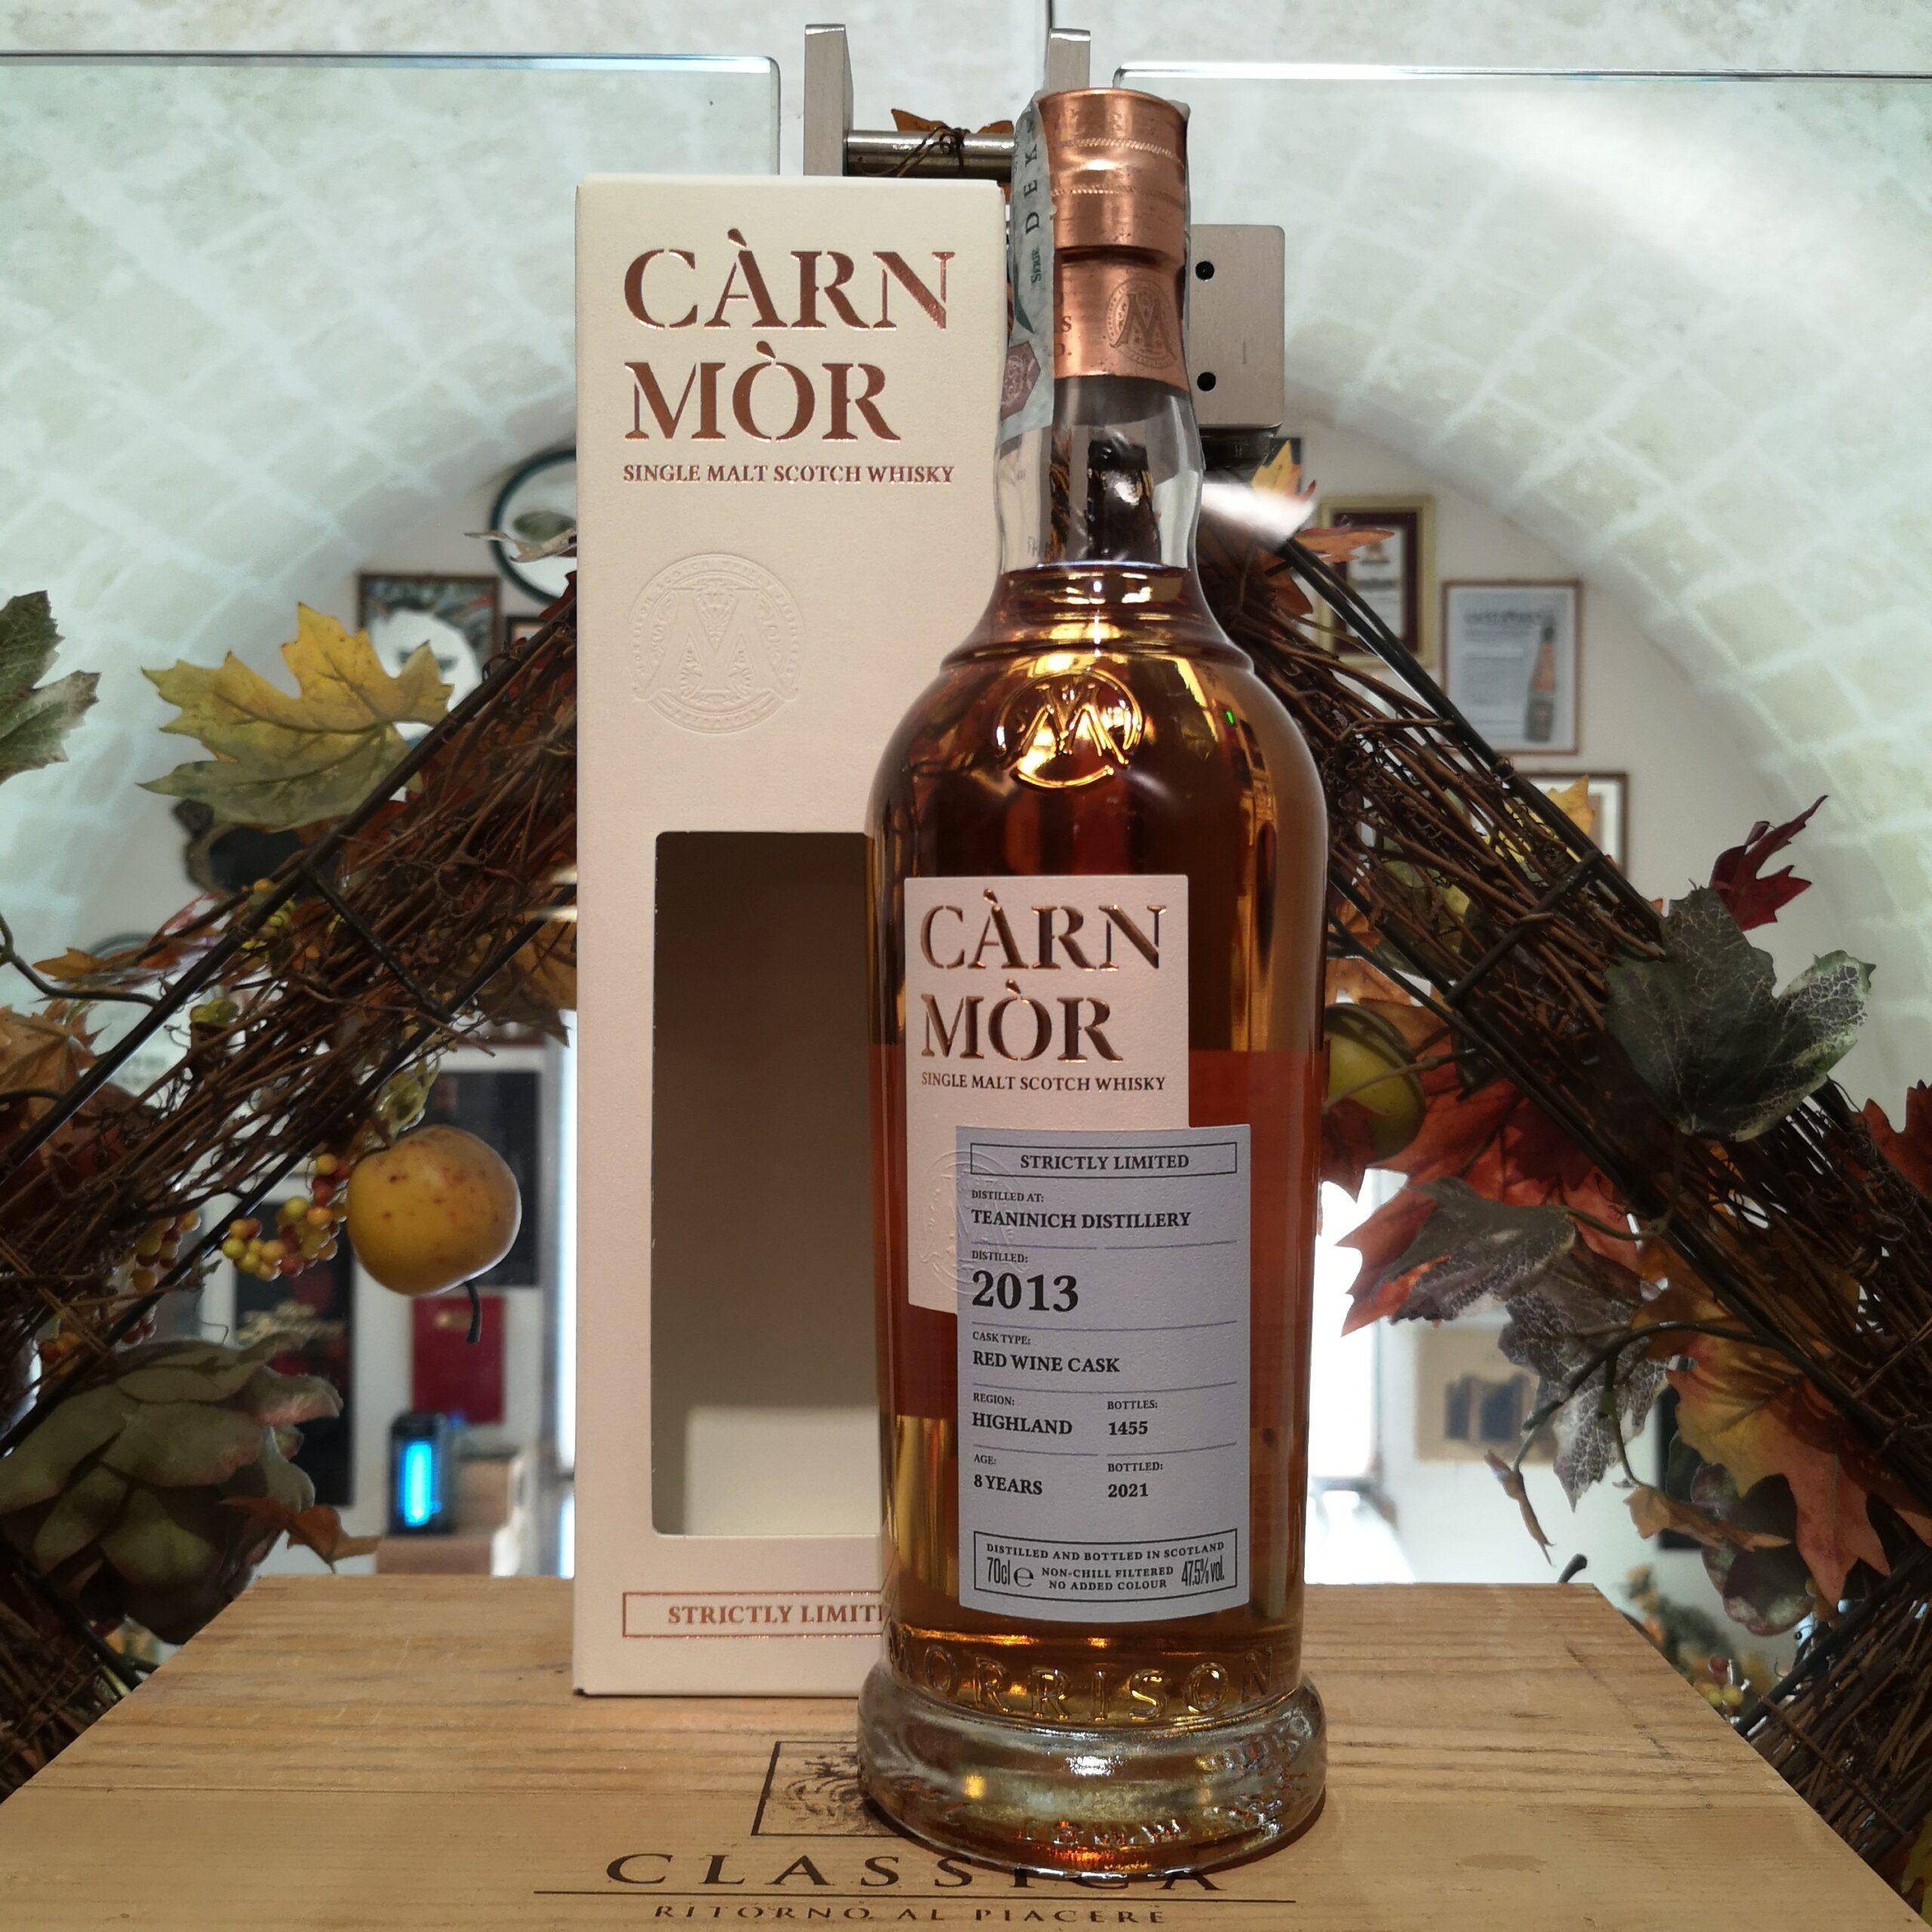 Càrn Mòr Strictly Limited Teaninich Single Malt Scotch Whisky 2013 8 YO